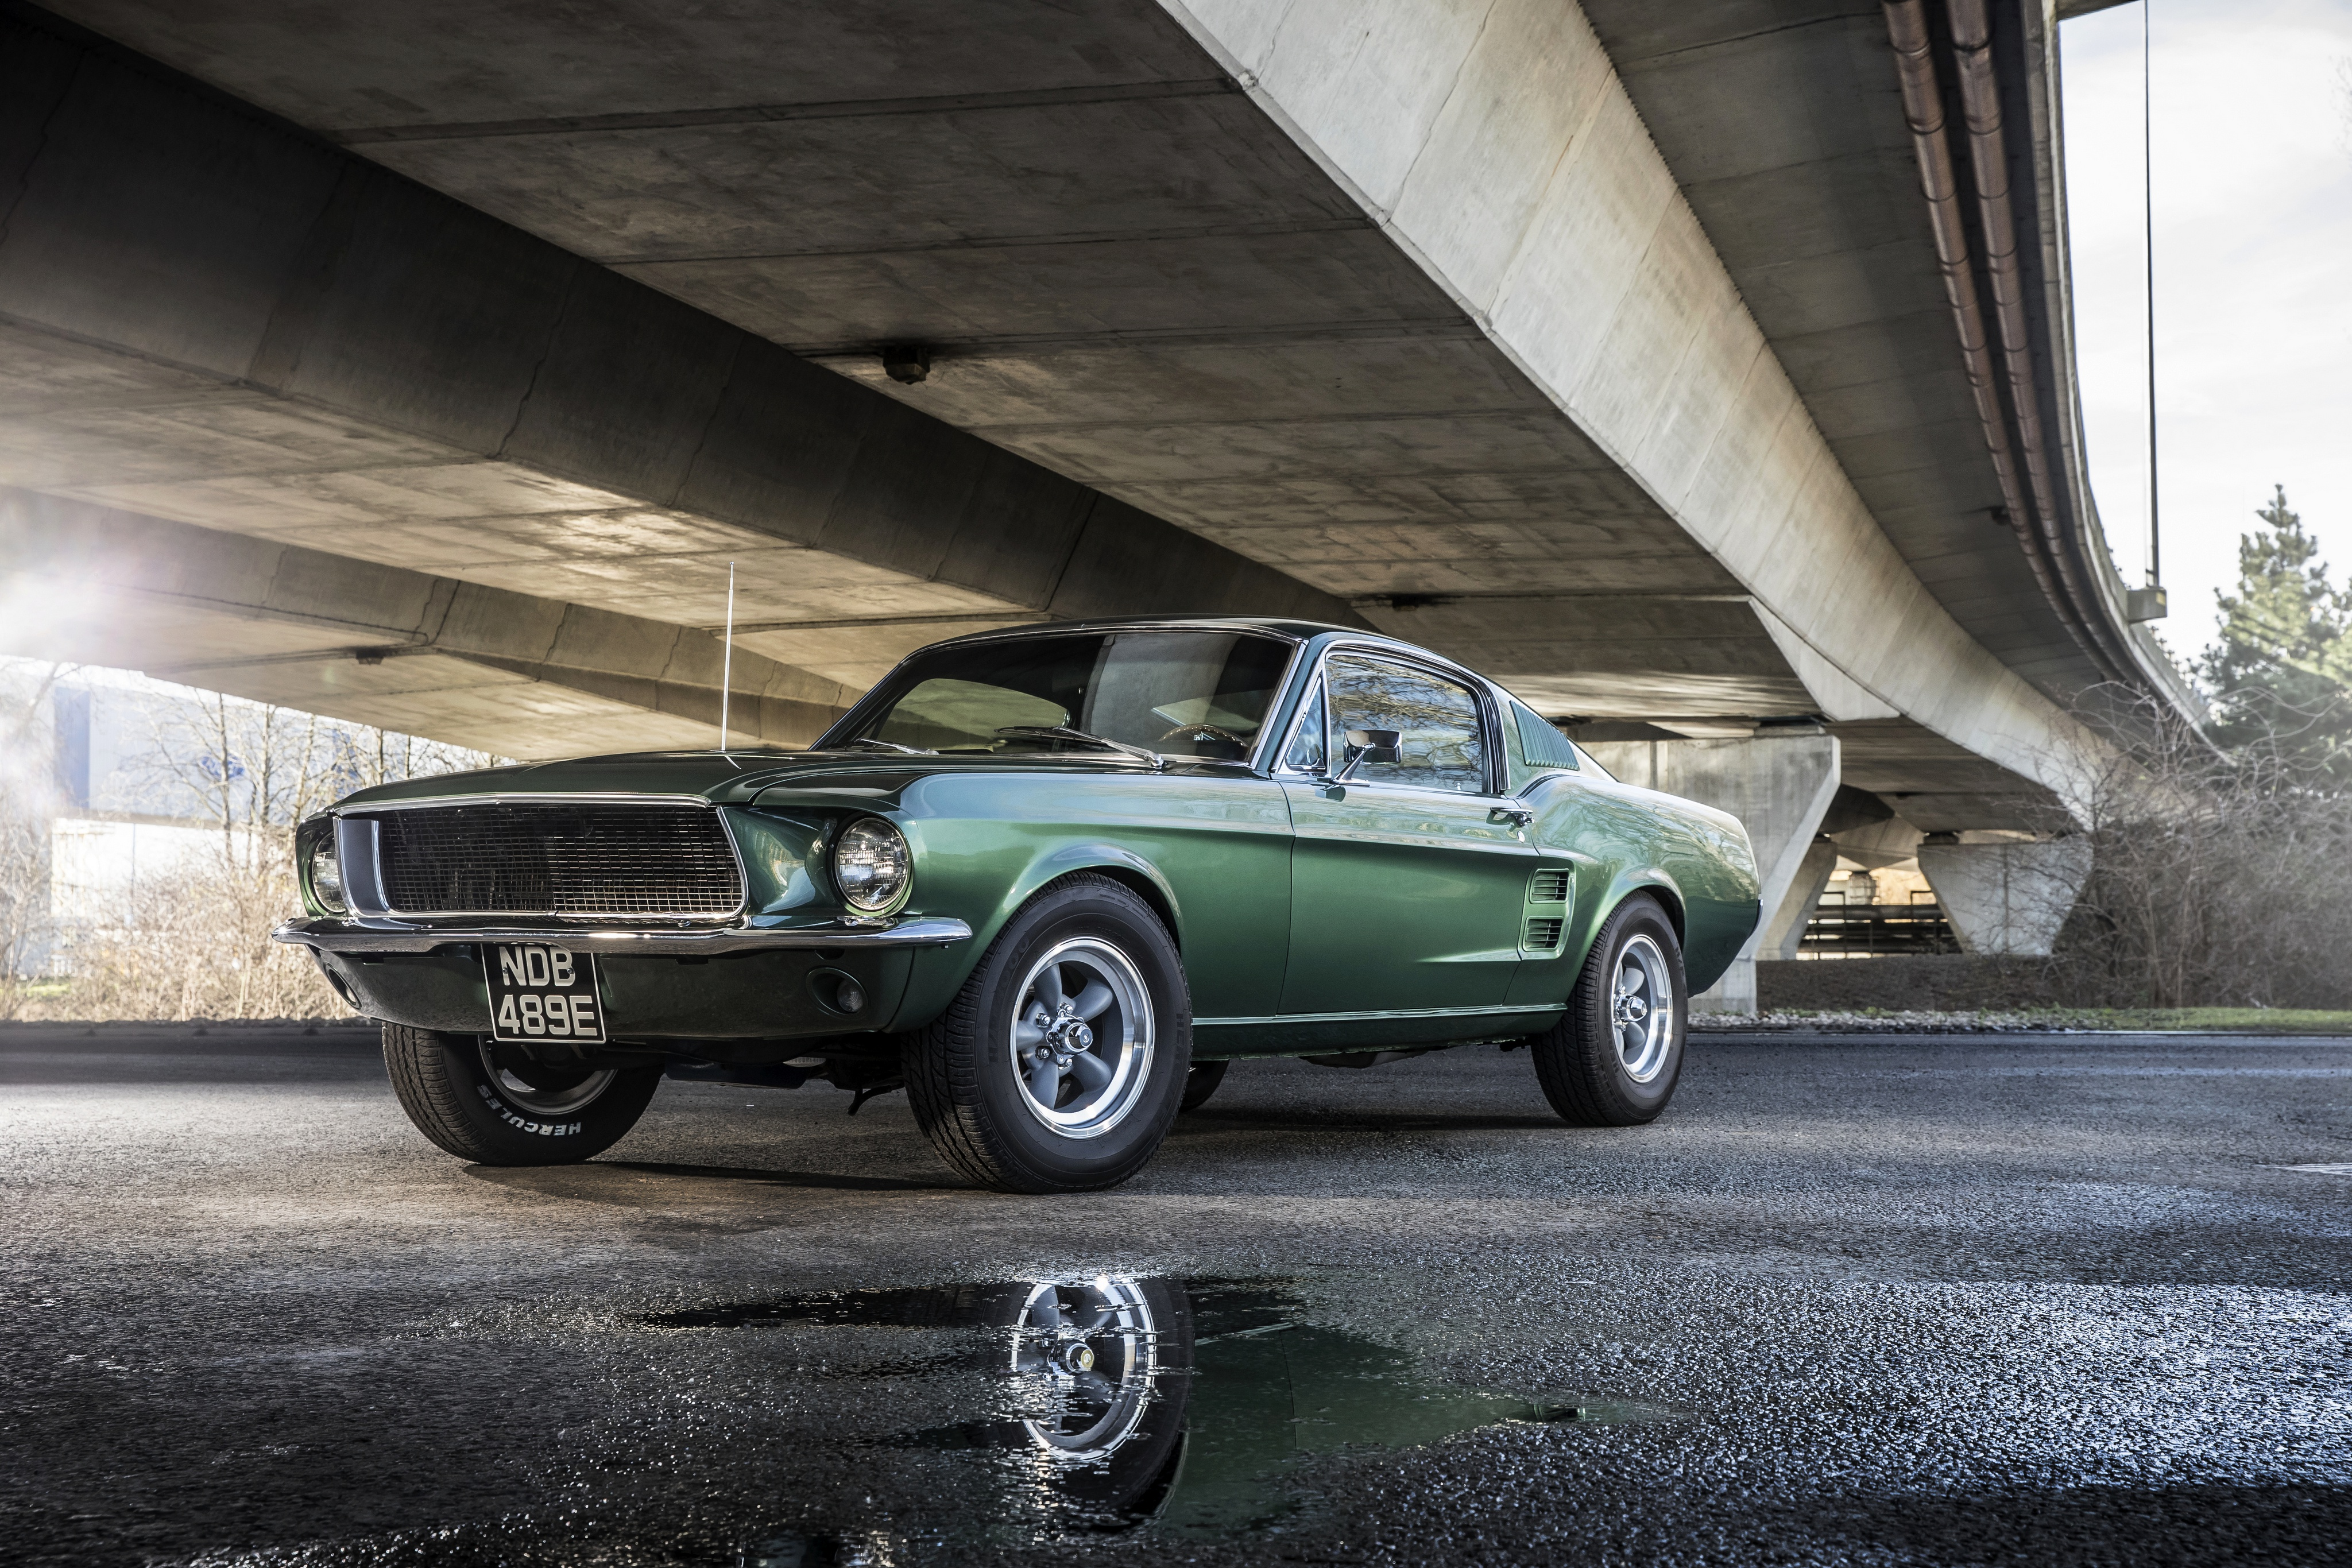 1968 Mustang - Ultimate Guide